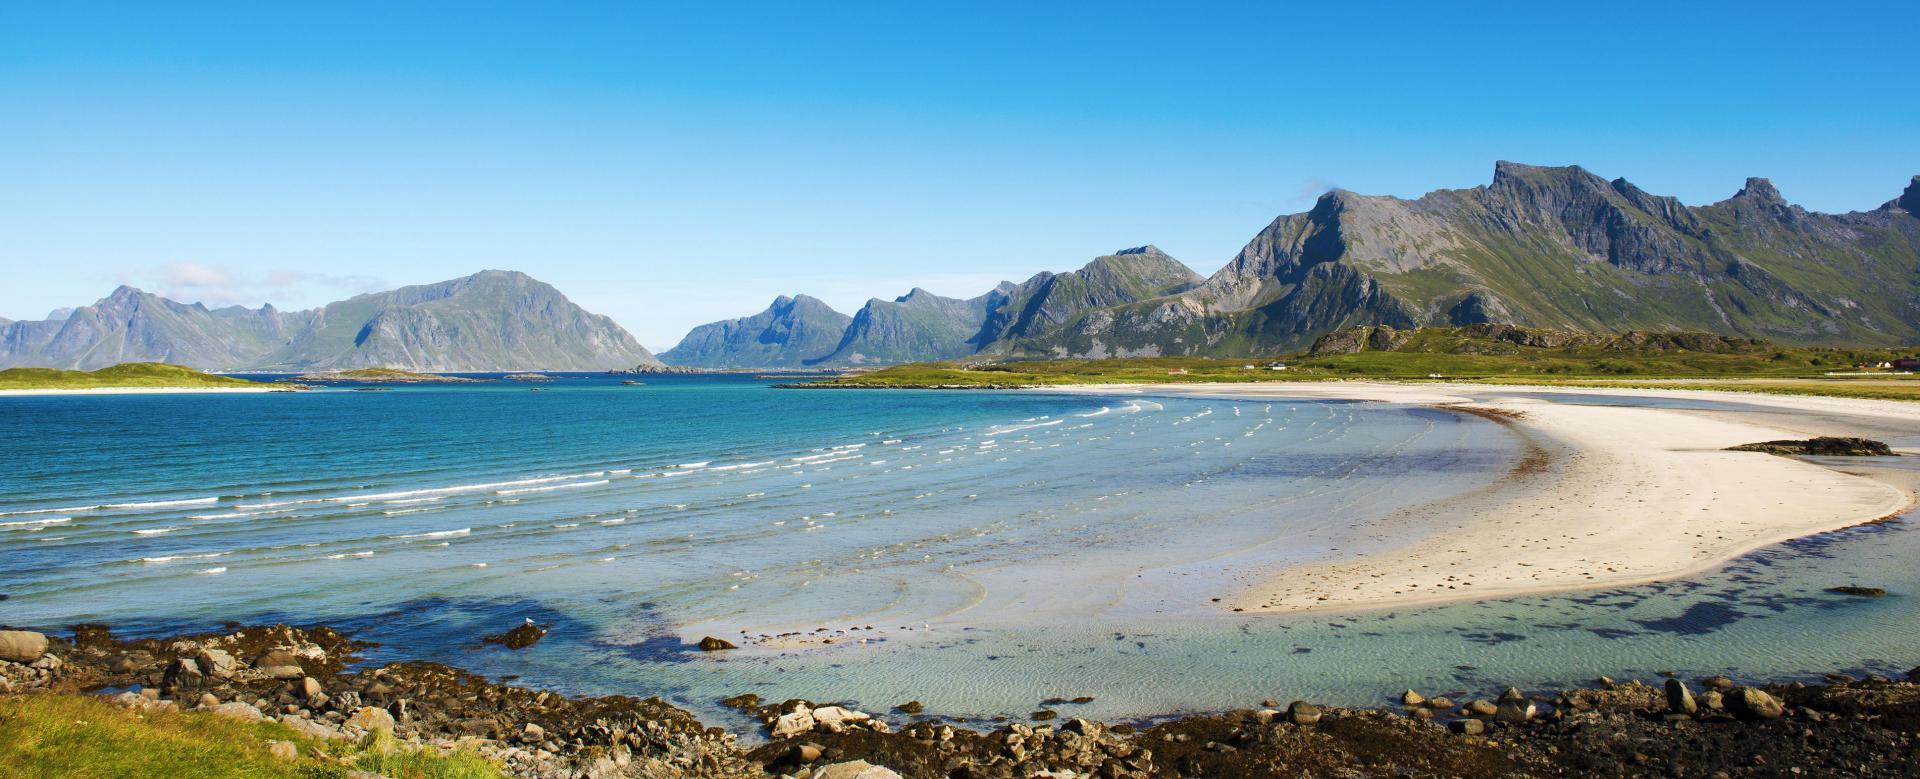 Voyage à pied Norvège : Grand tour des archipels du nord